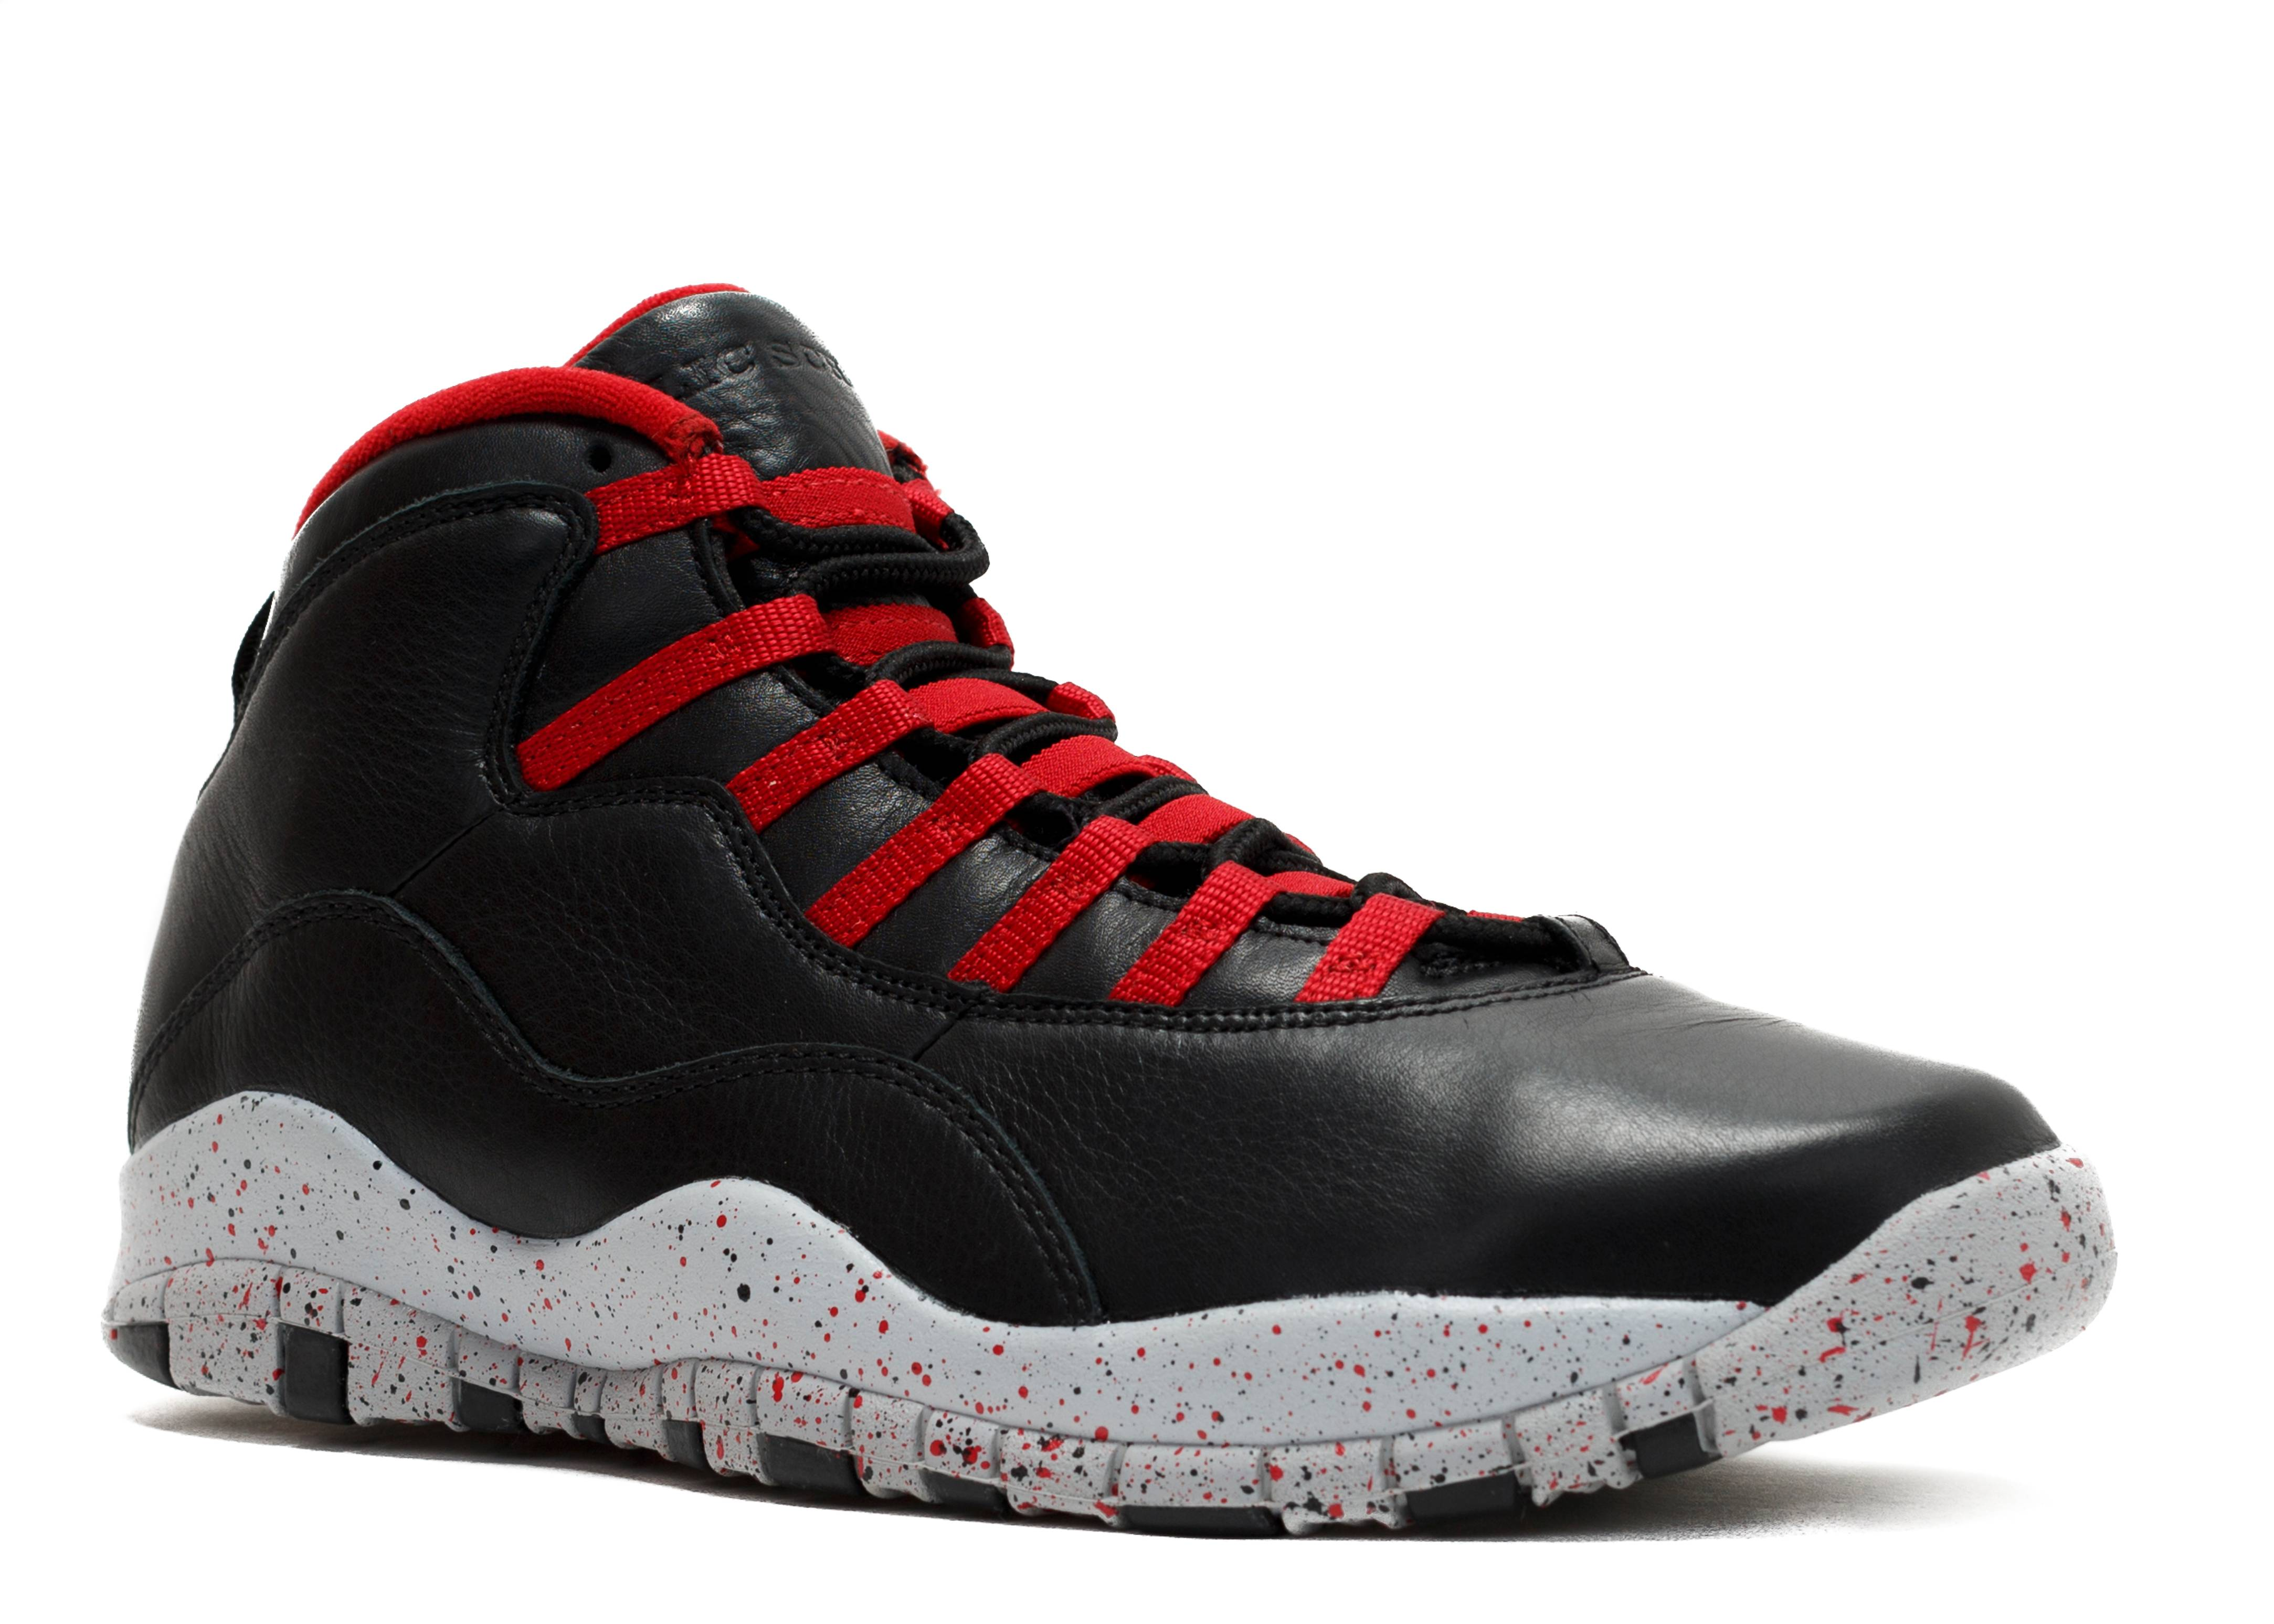 air jordan 10 red and black